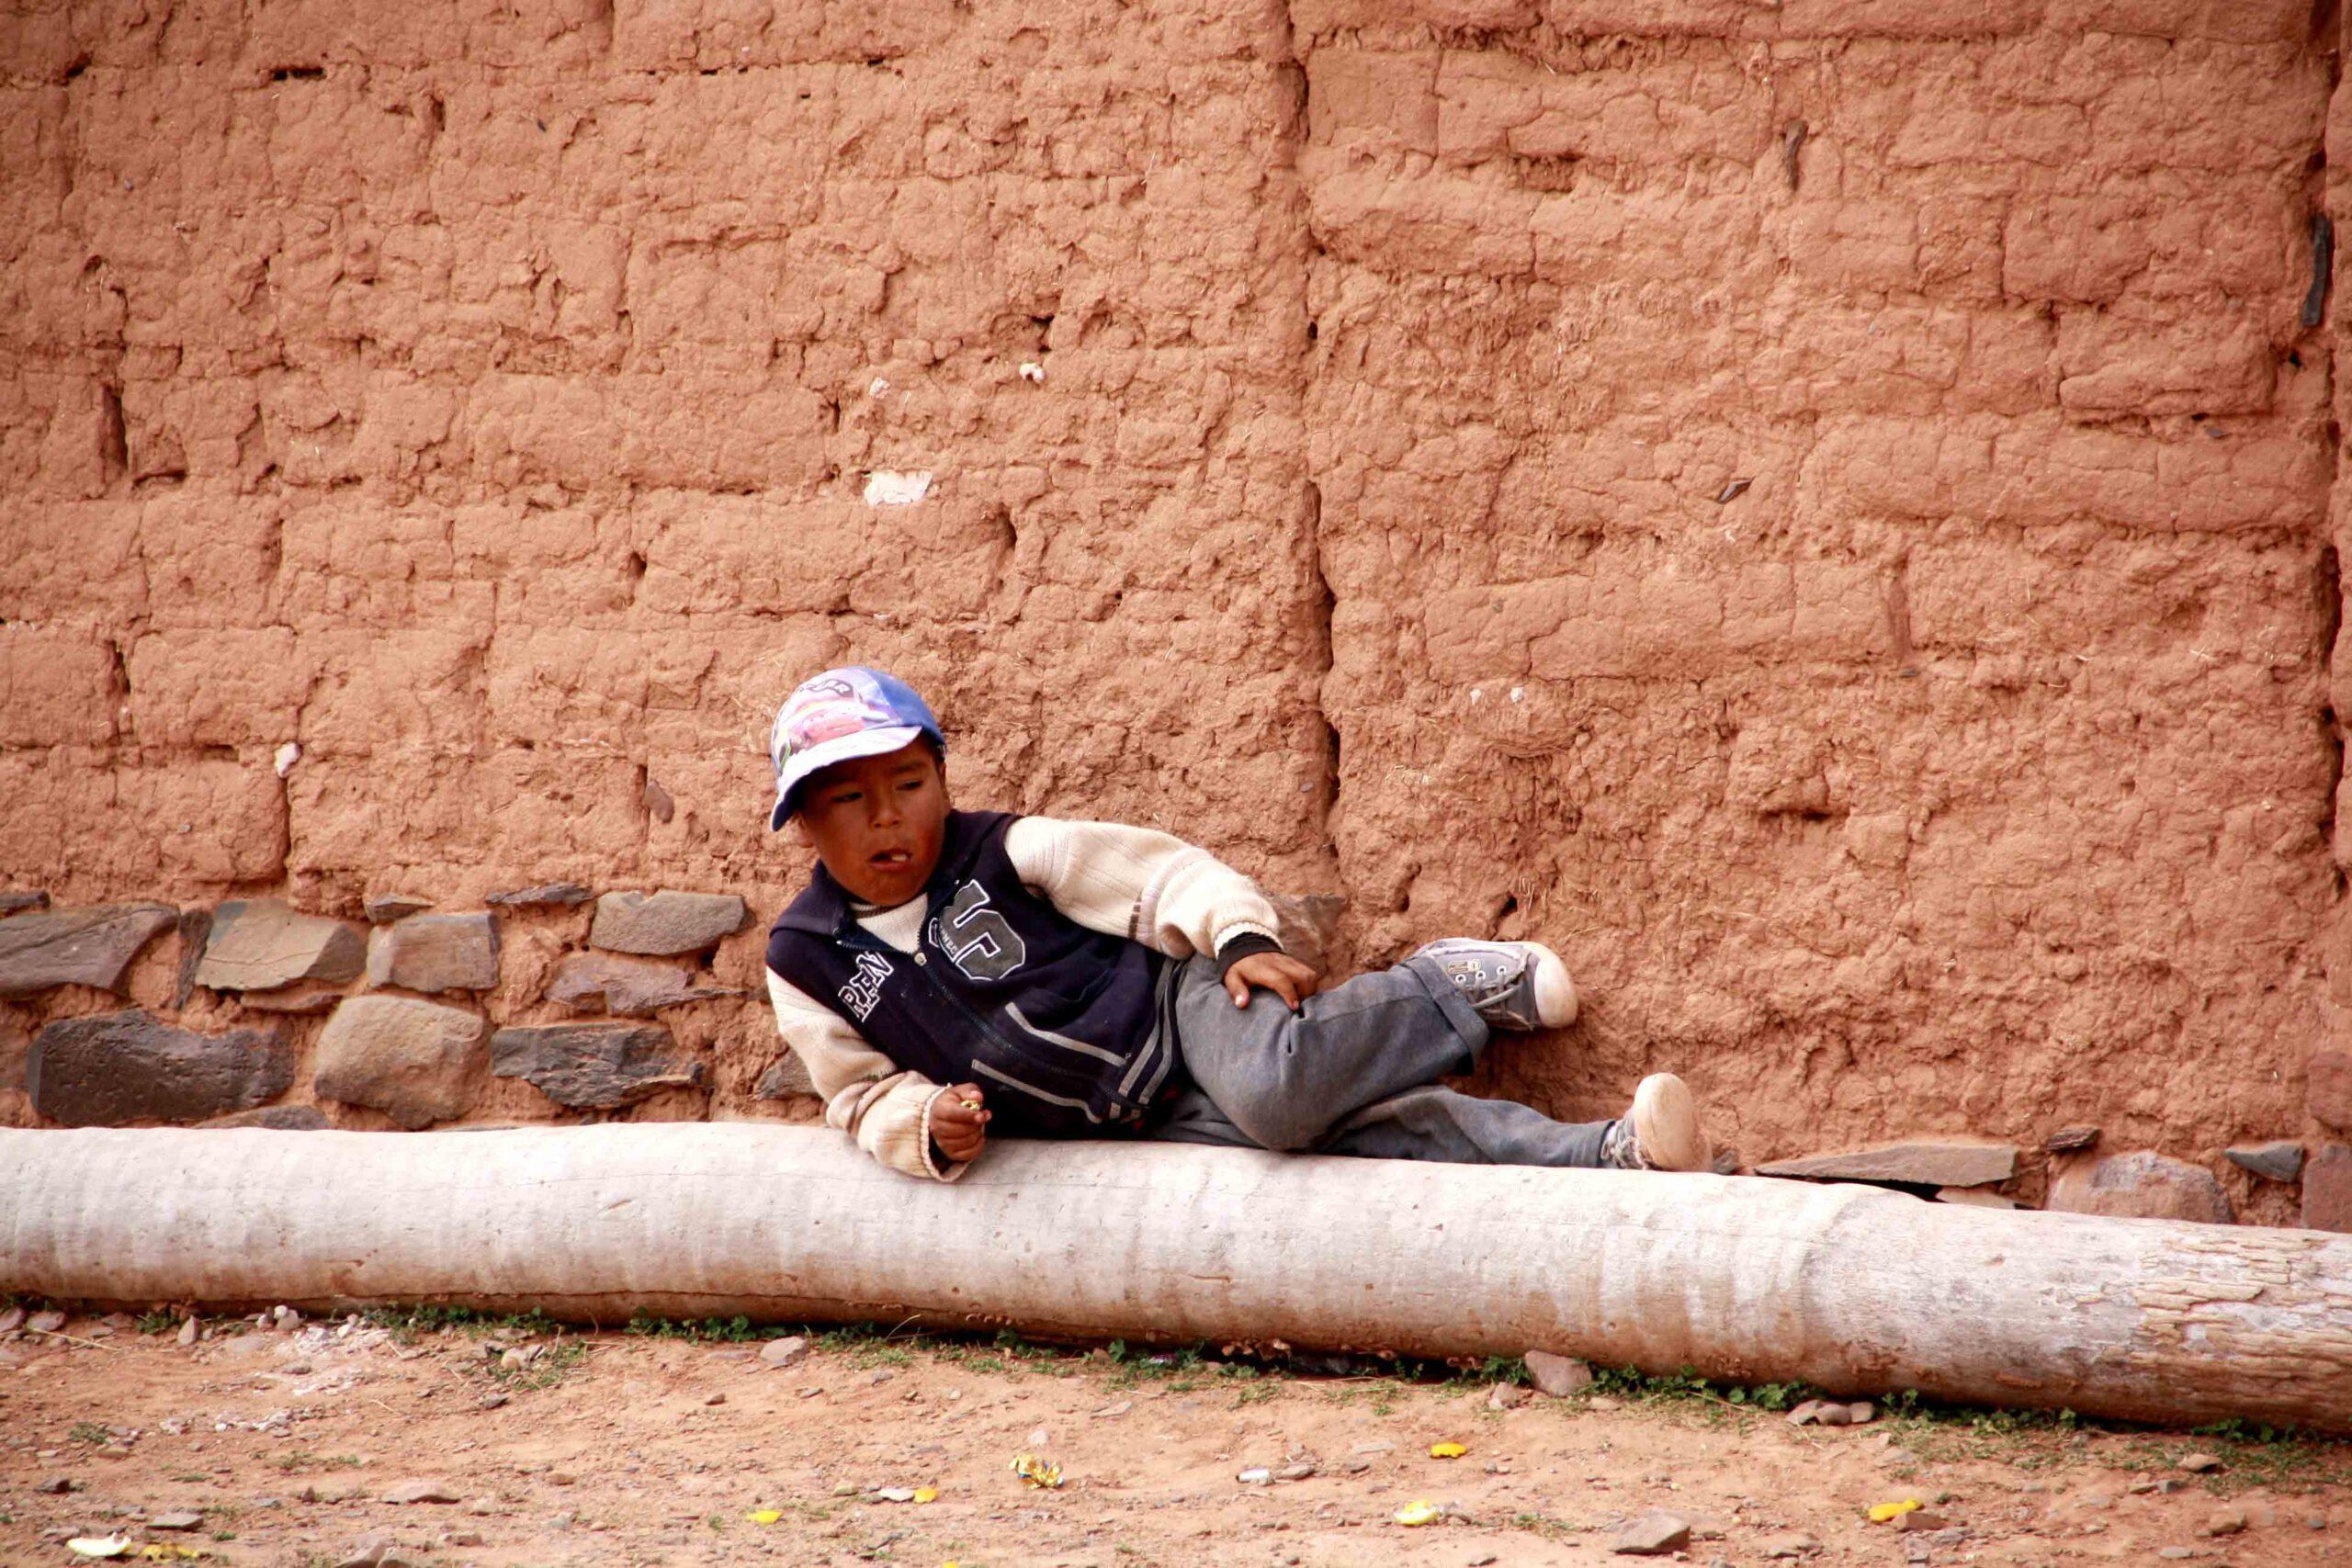 Boy in Bolivian village